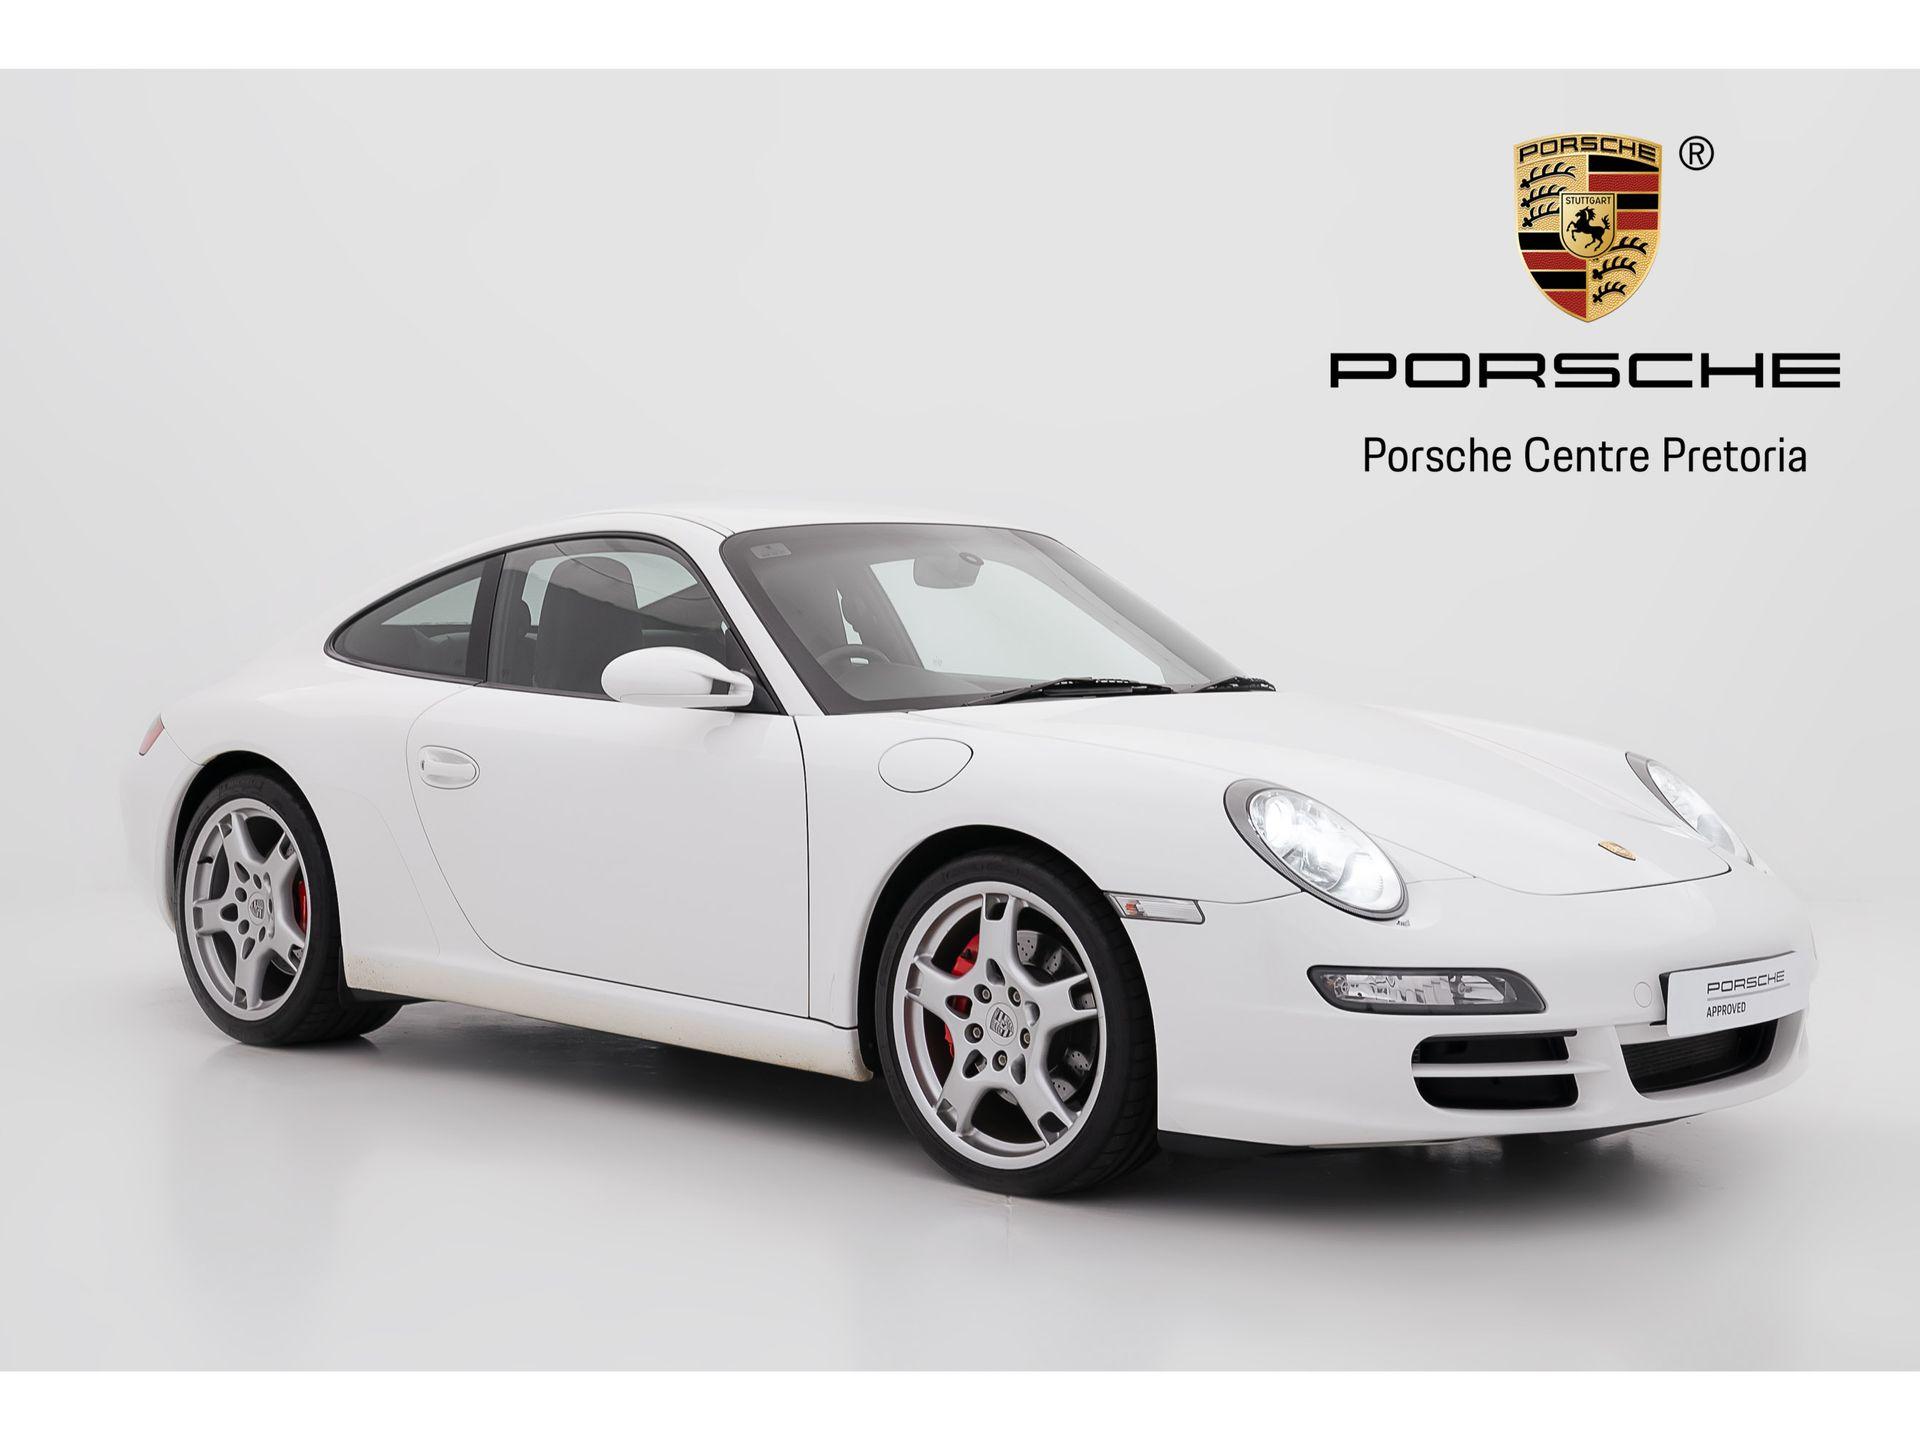 2007 Porsche 911 Carrera S Coupé – 1